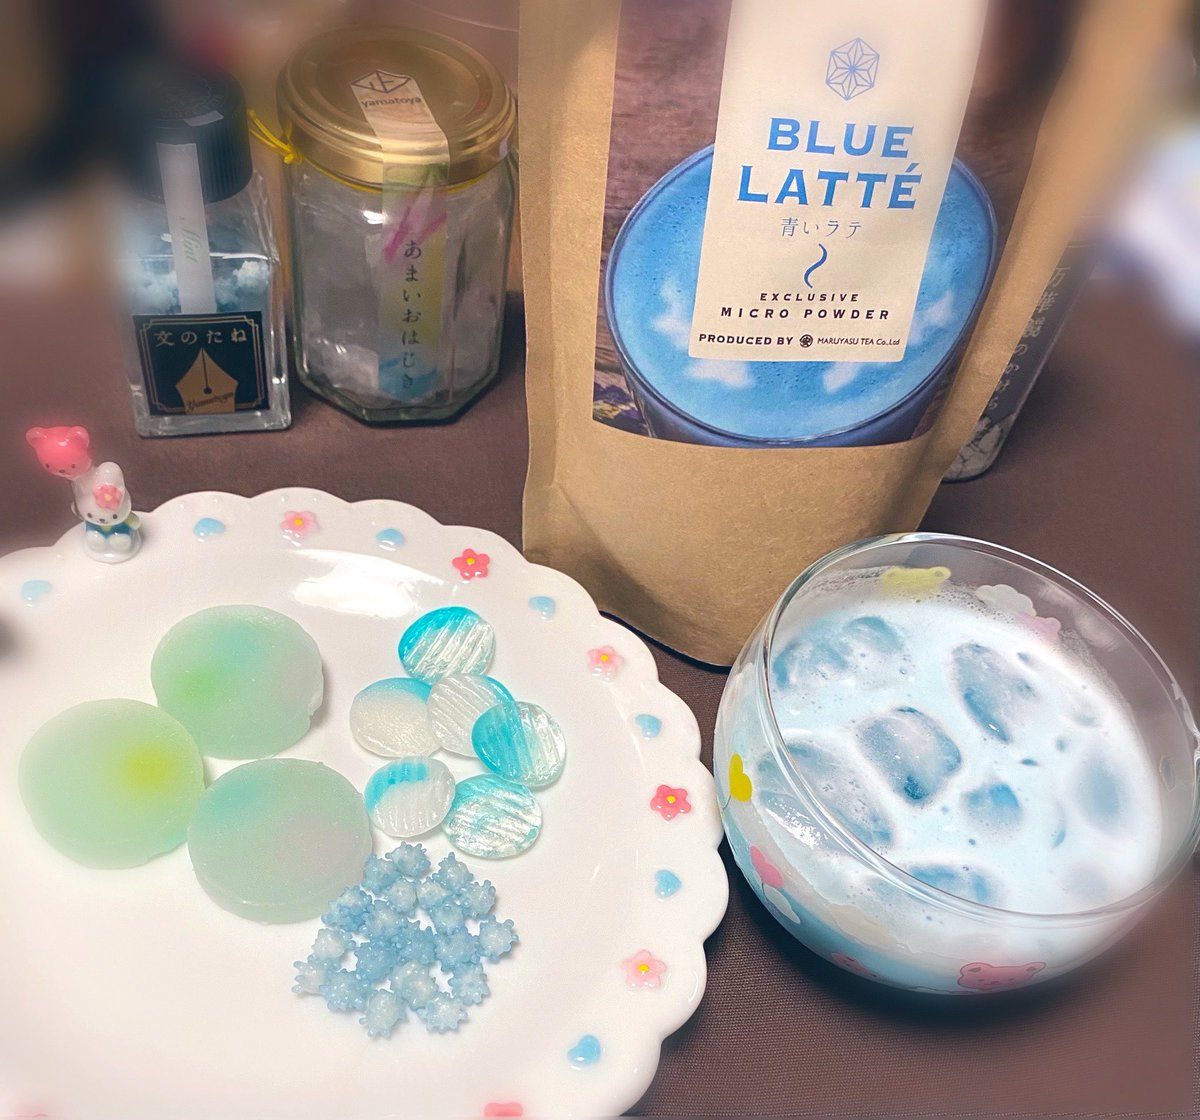 test ツイッターメディア - 今日は特別な日だから、青色づくしのおやつを用意💙 越乃雪本舗大和屋さんのお菓子の中から青色のものをチョイス💙 丸安茶業さんの青いラテ💙  智くんのイメージカラーの青💙 私にとっては幸せの色💙  #大野智芸能生活27周年 #大野智さんが大好きです https://t.co/RnvCyAyiLV